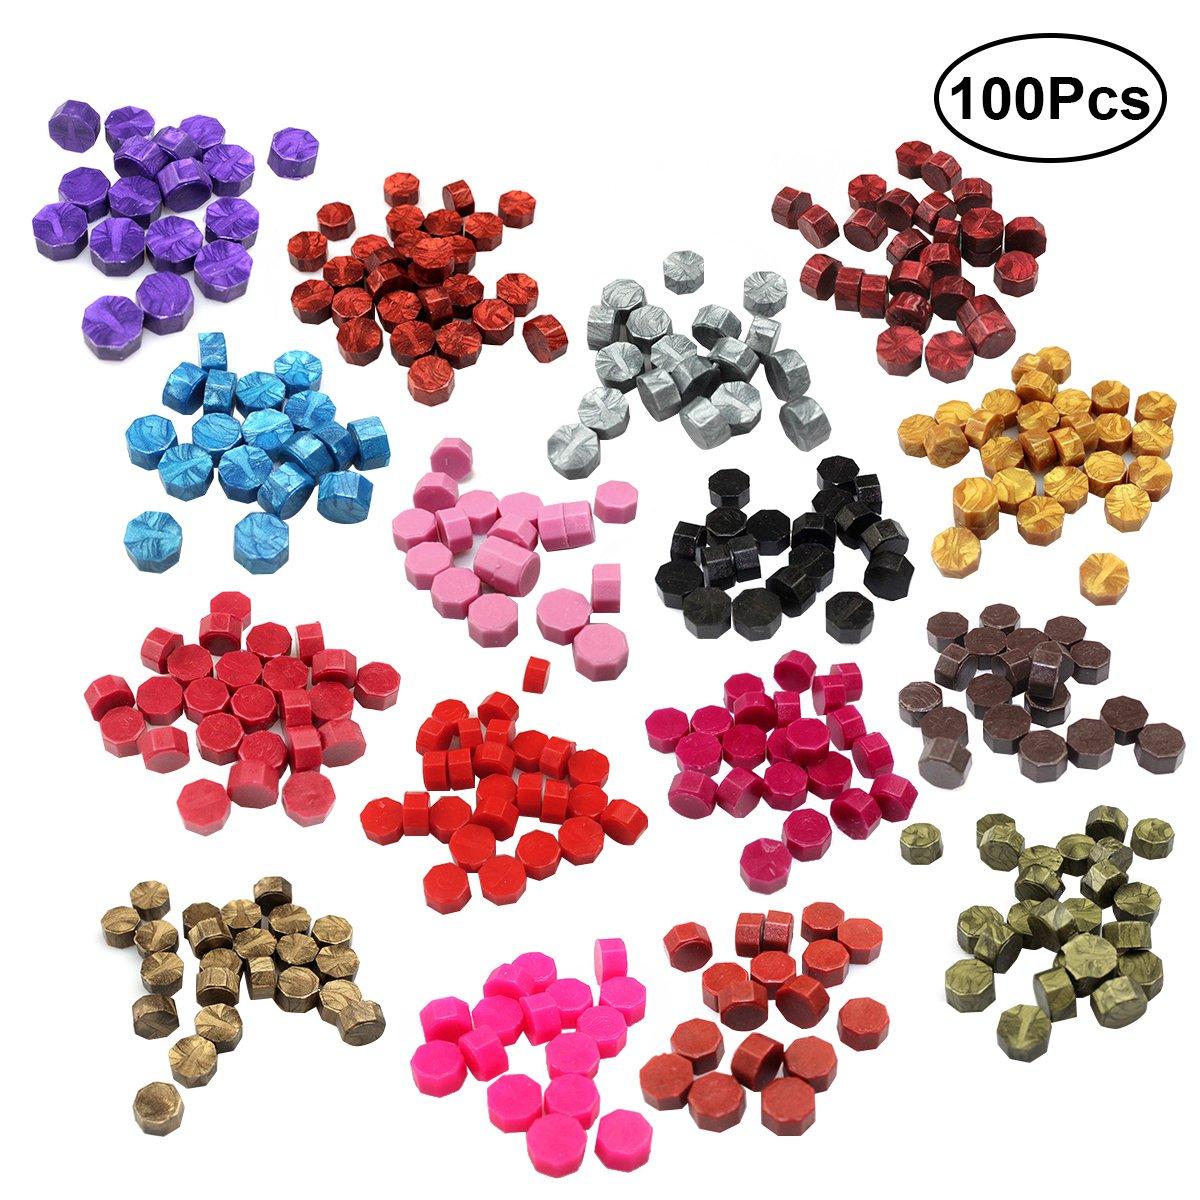 rosenice octogonal de 100piezas de colorido perlas de lacre sello romántico eléctrica para sello de cera Kit (varios colores)